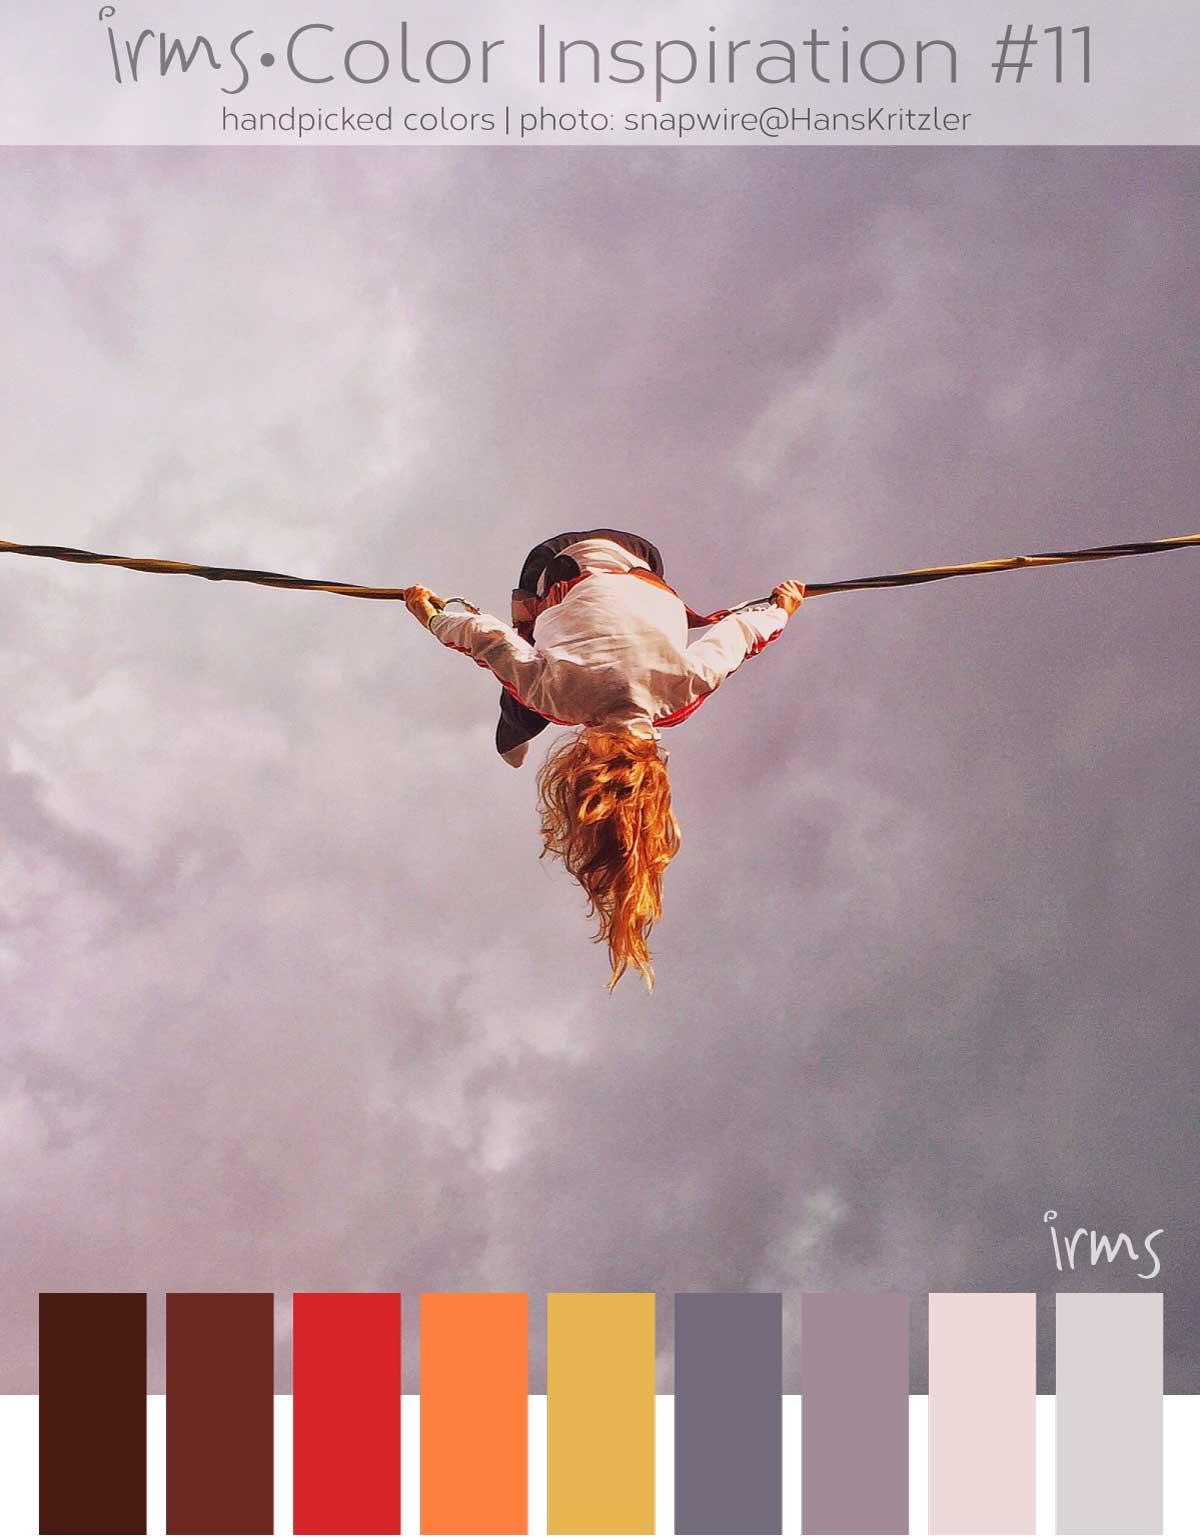 roodhaar-kleurinspiratie